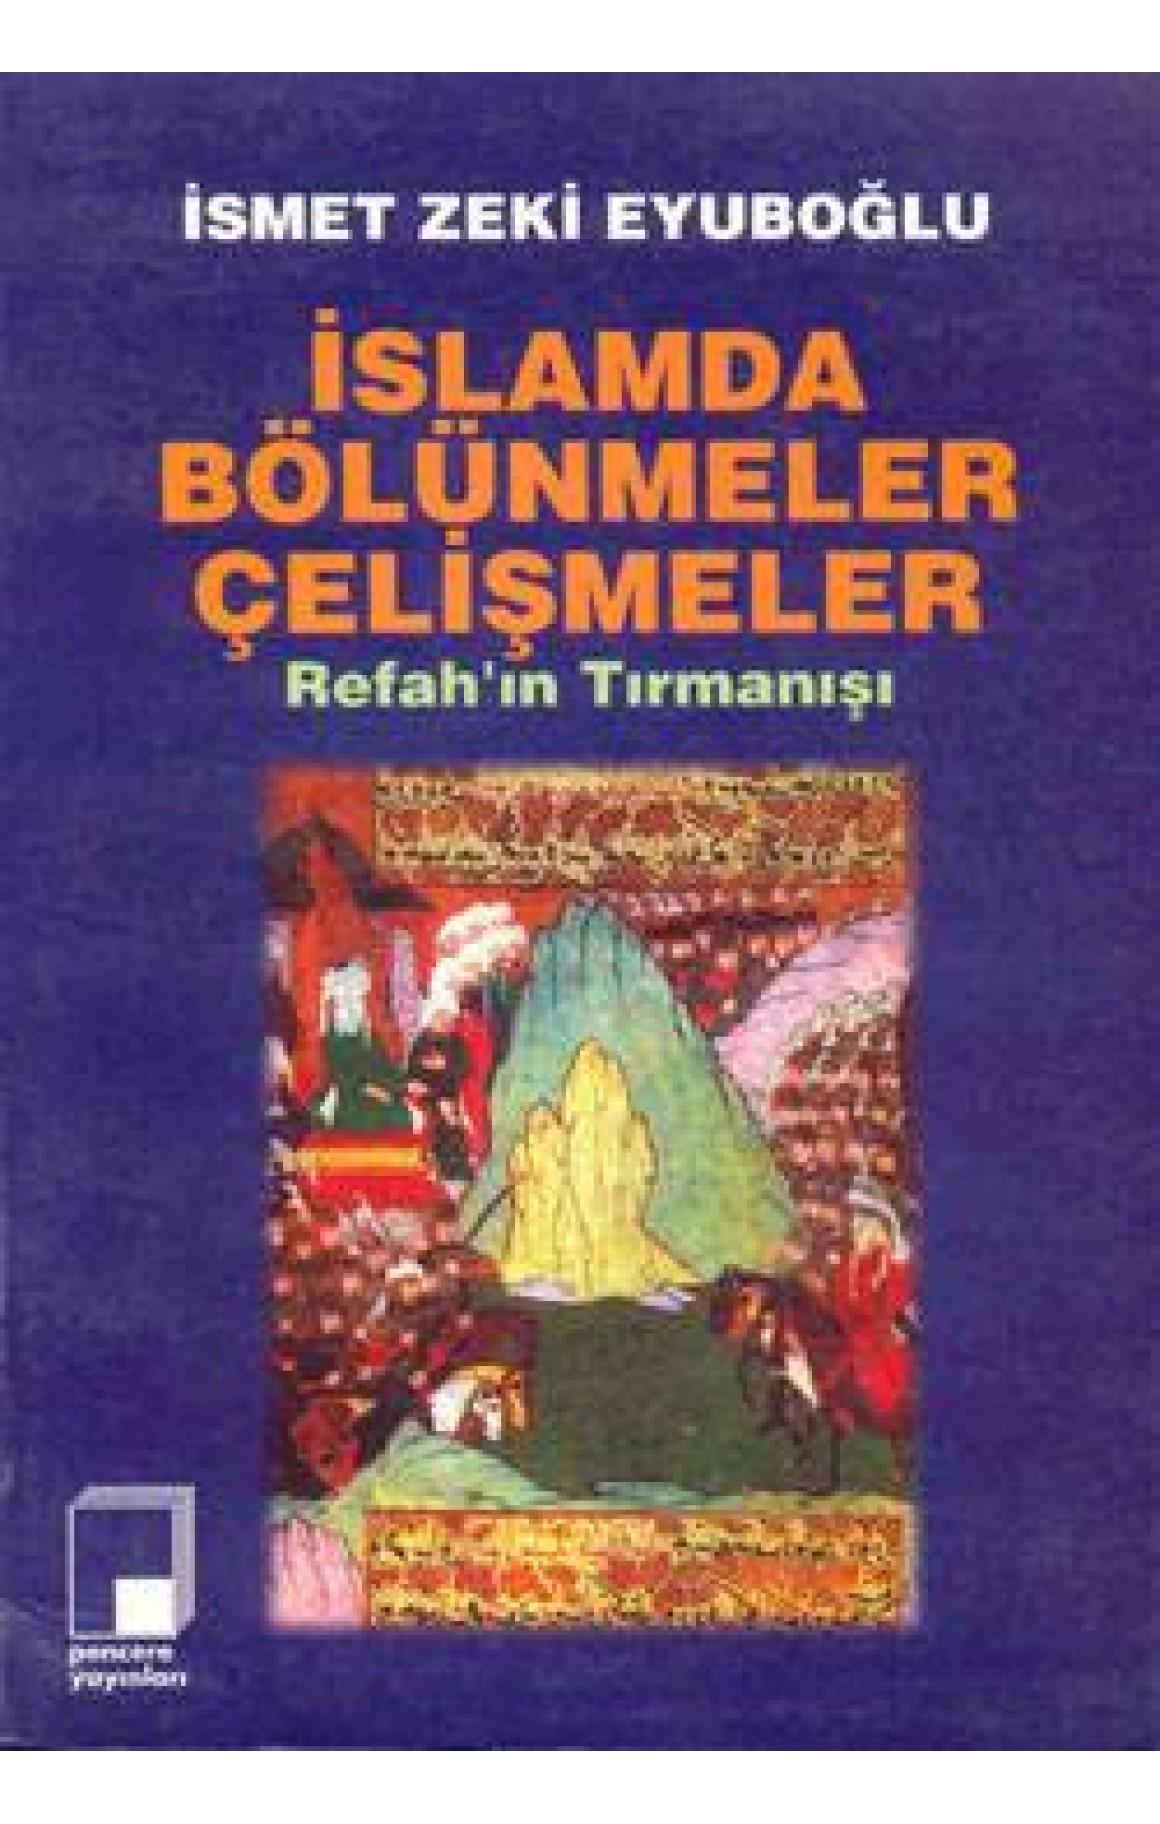 İslamda Bölünmeler Çelişmeler-Refah'ın Tırmanışı